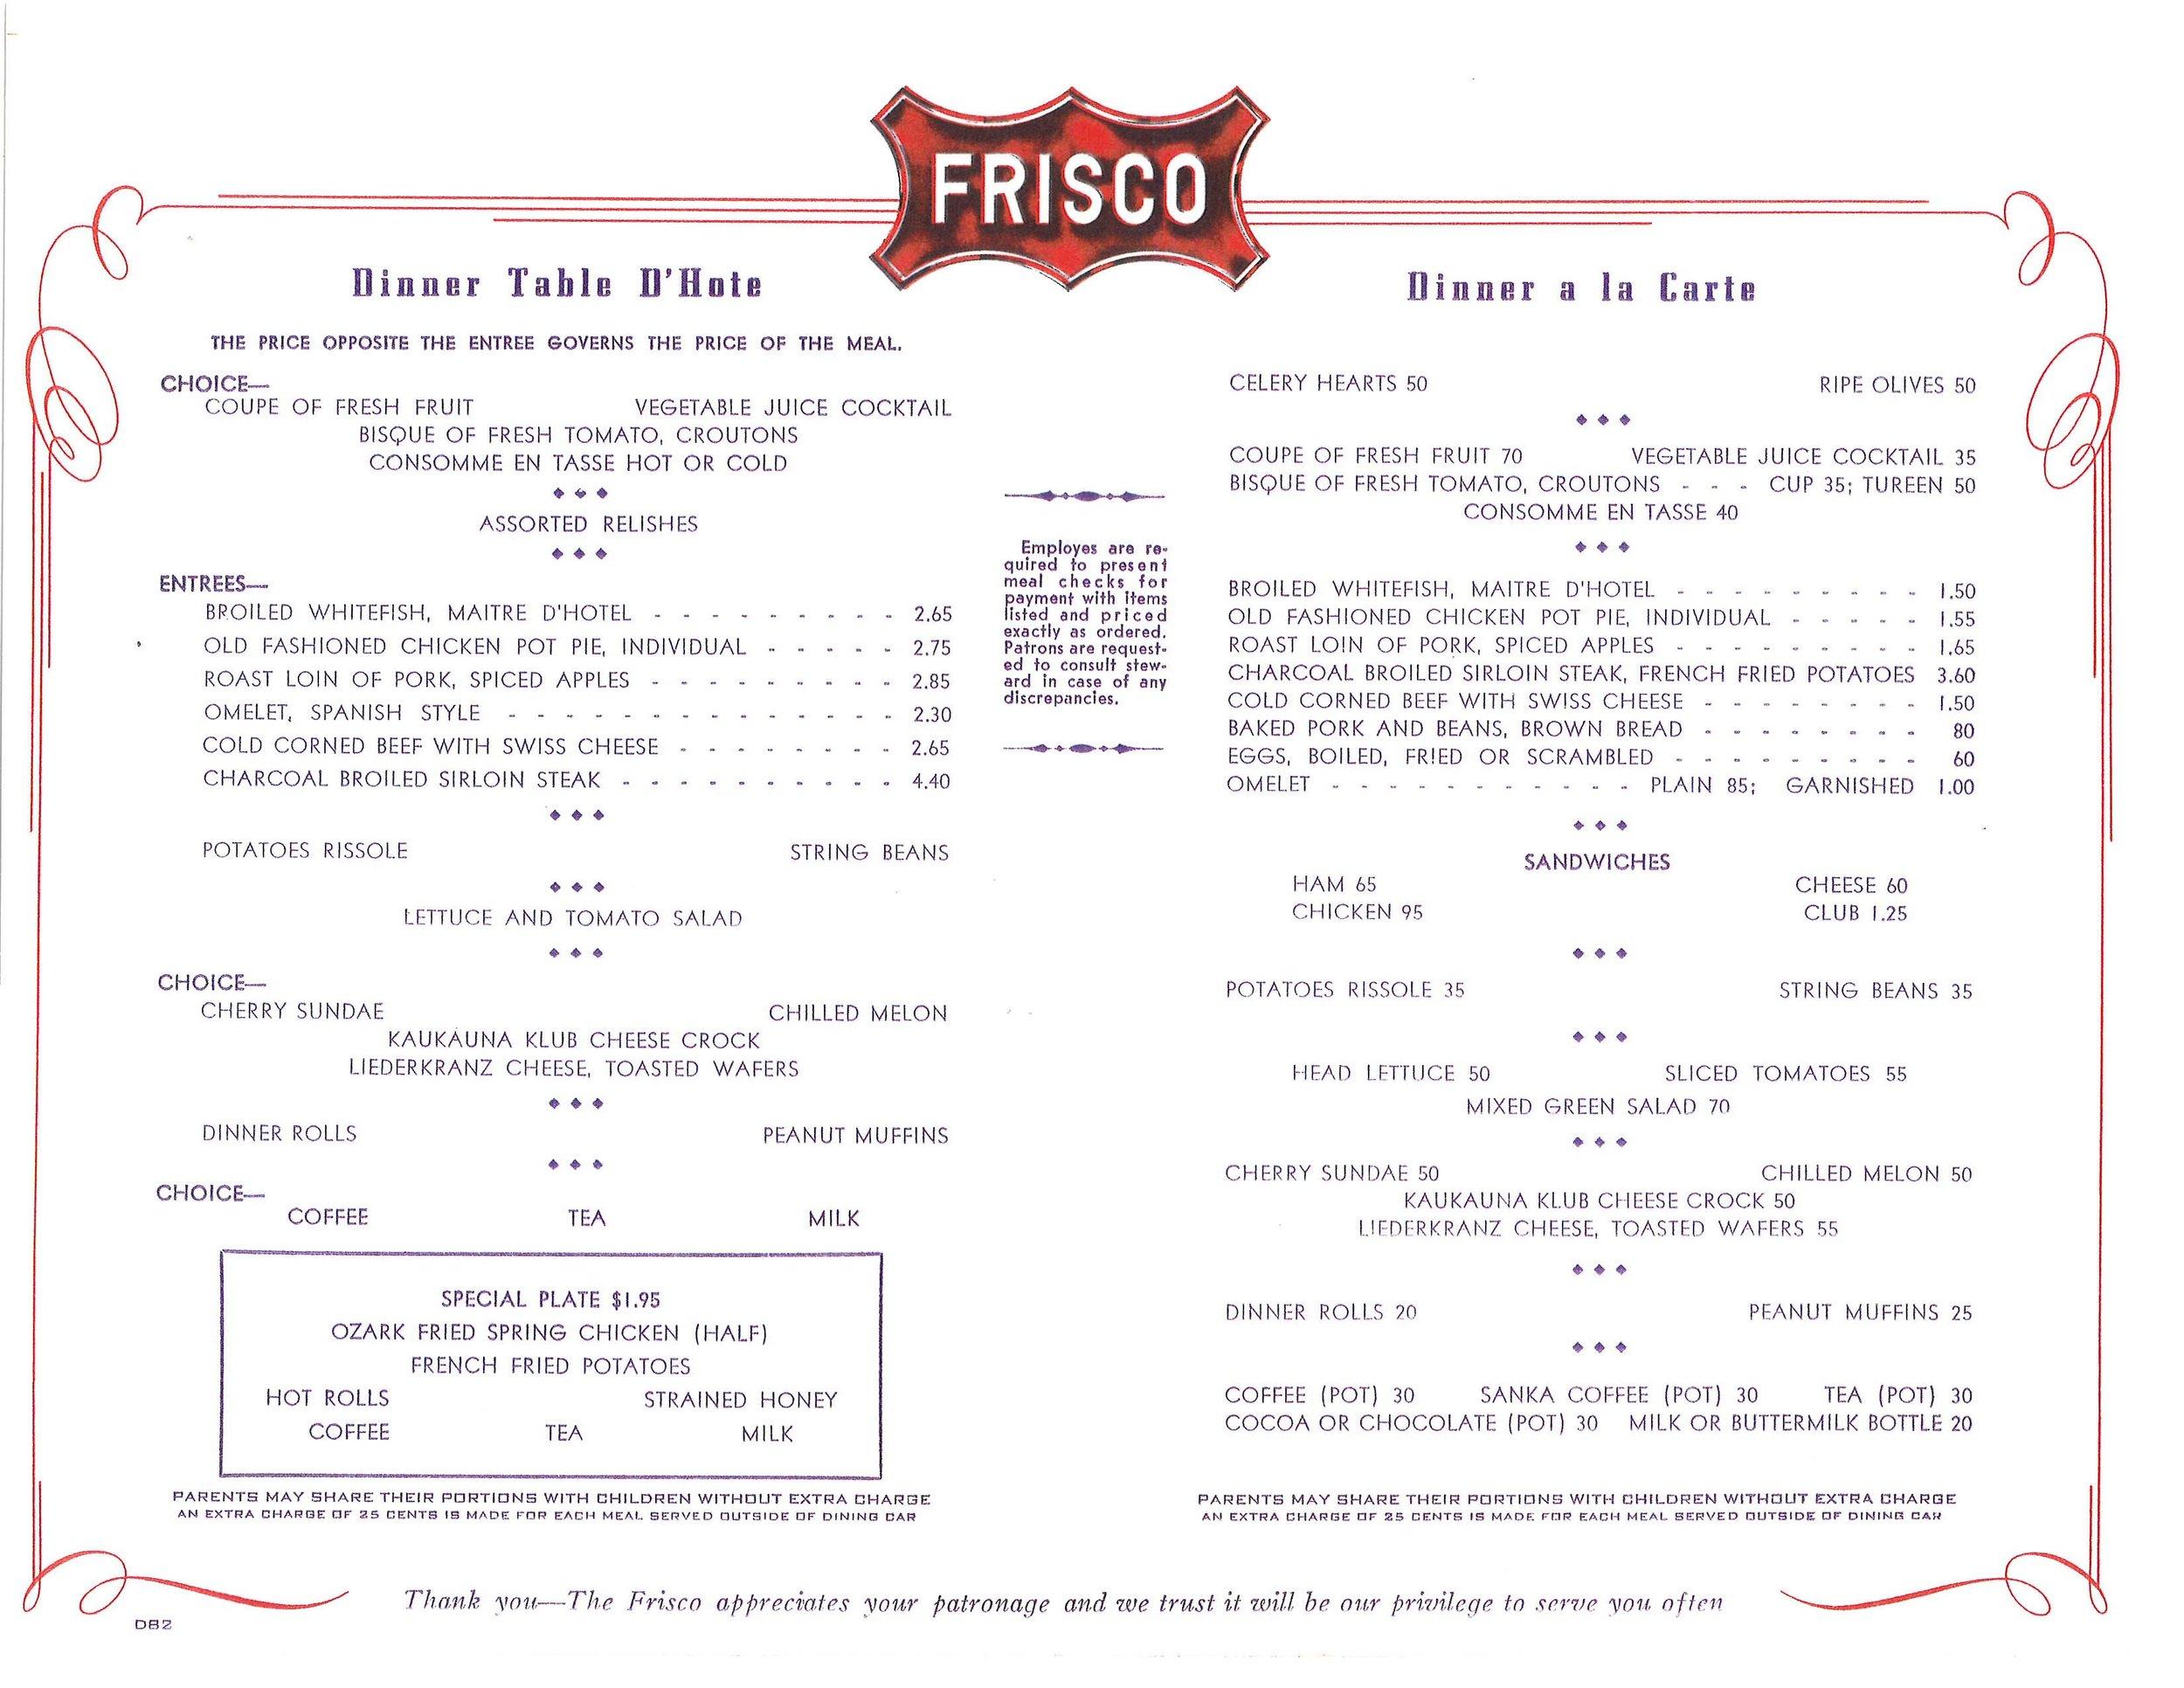 Frisco+-+Texas+Special+Dinner+Menu 2.jpg